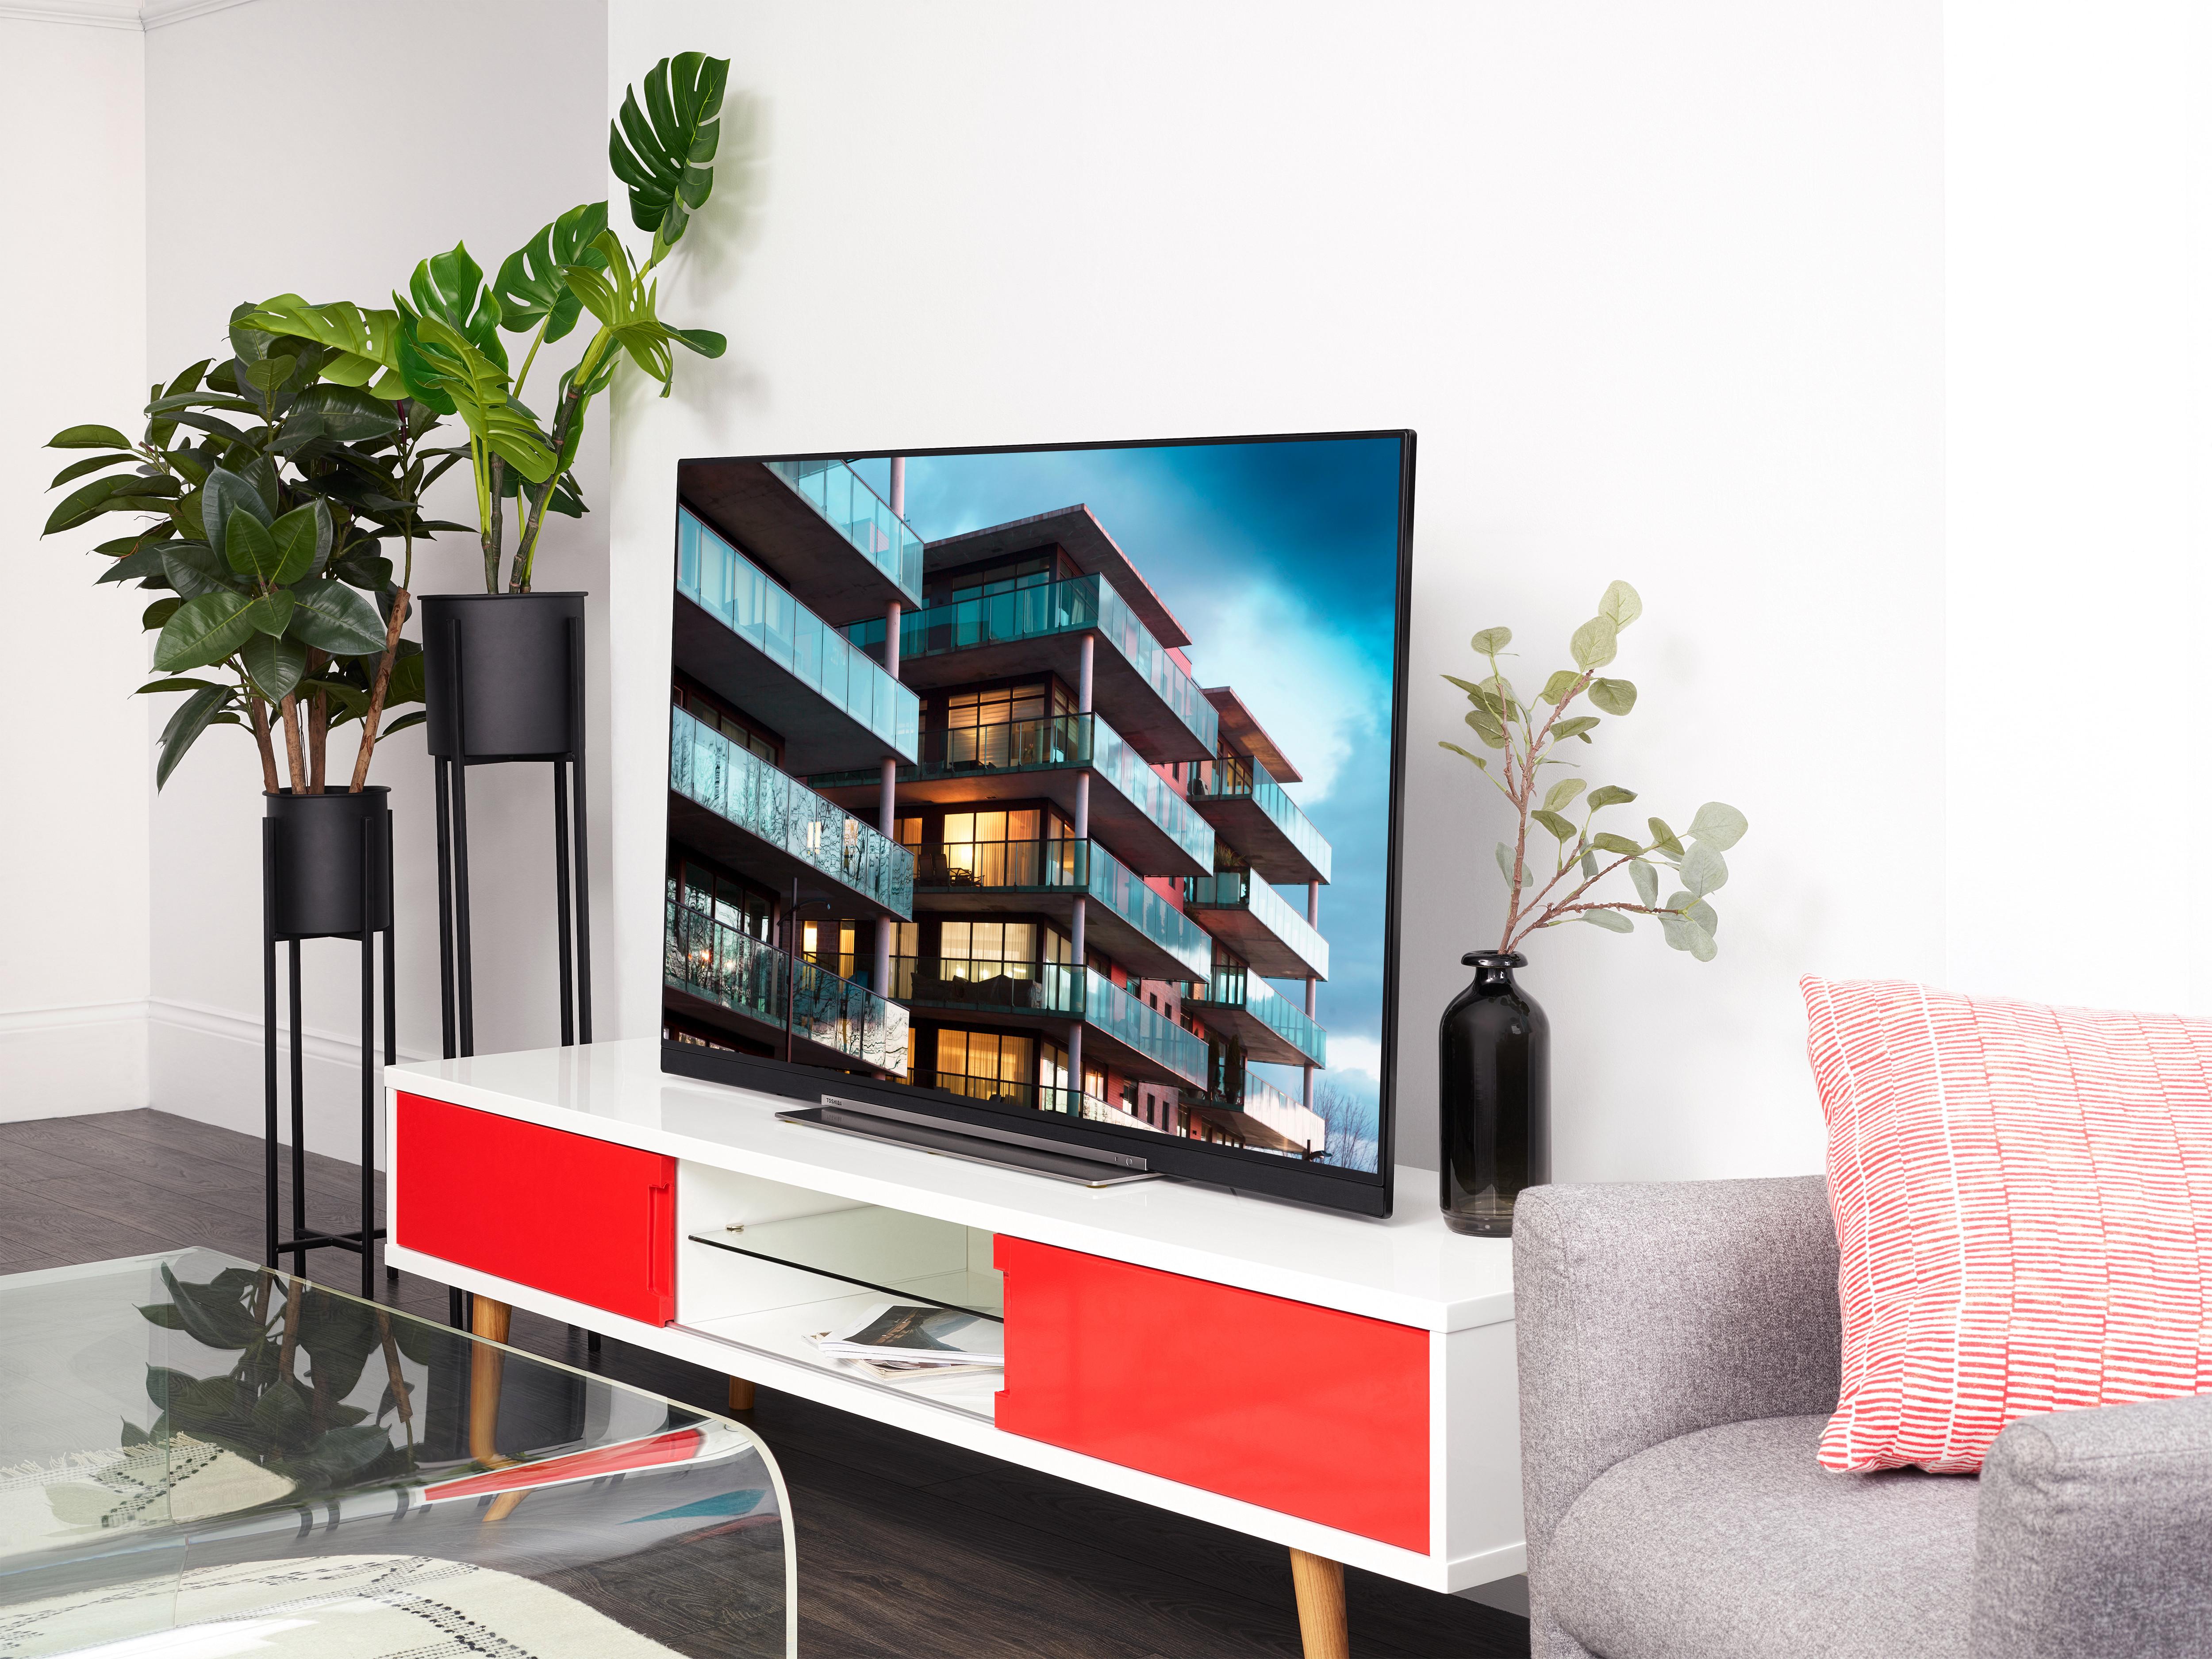 تعرض أجهزة التلفزيون تباينًا محسنًا ومجموعة أكبر من الألوان